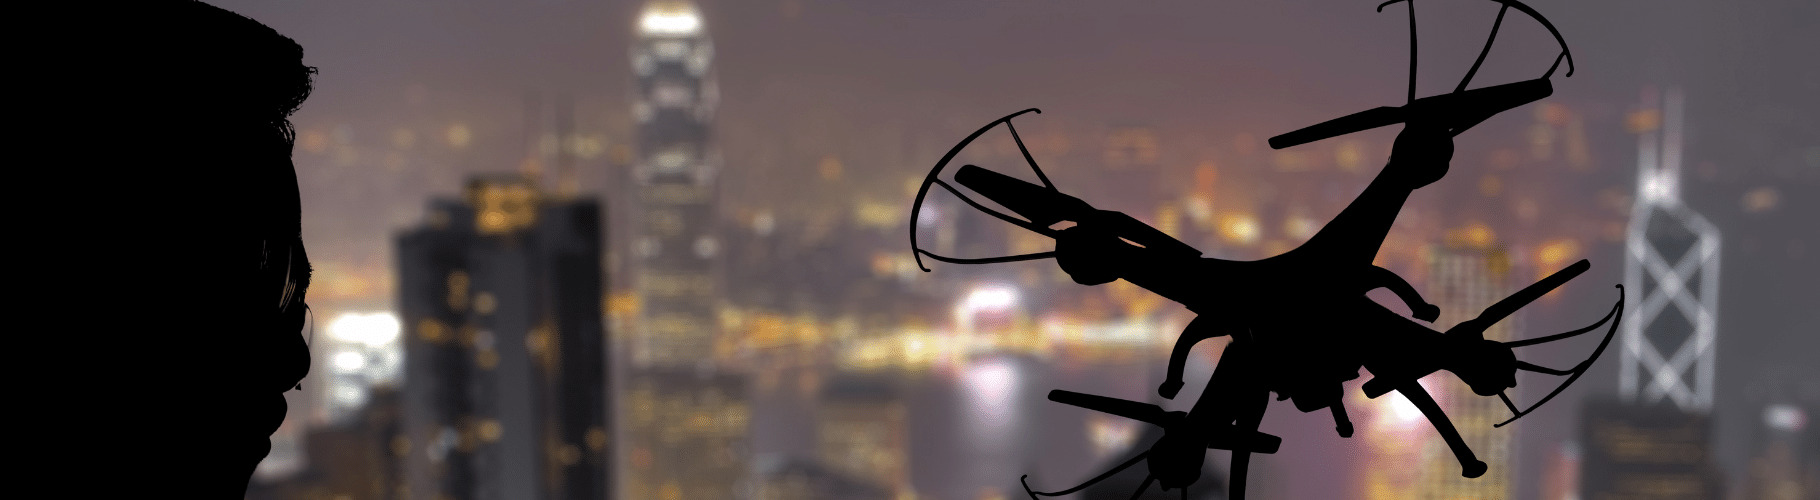 ドローン夜間飛行イメージ